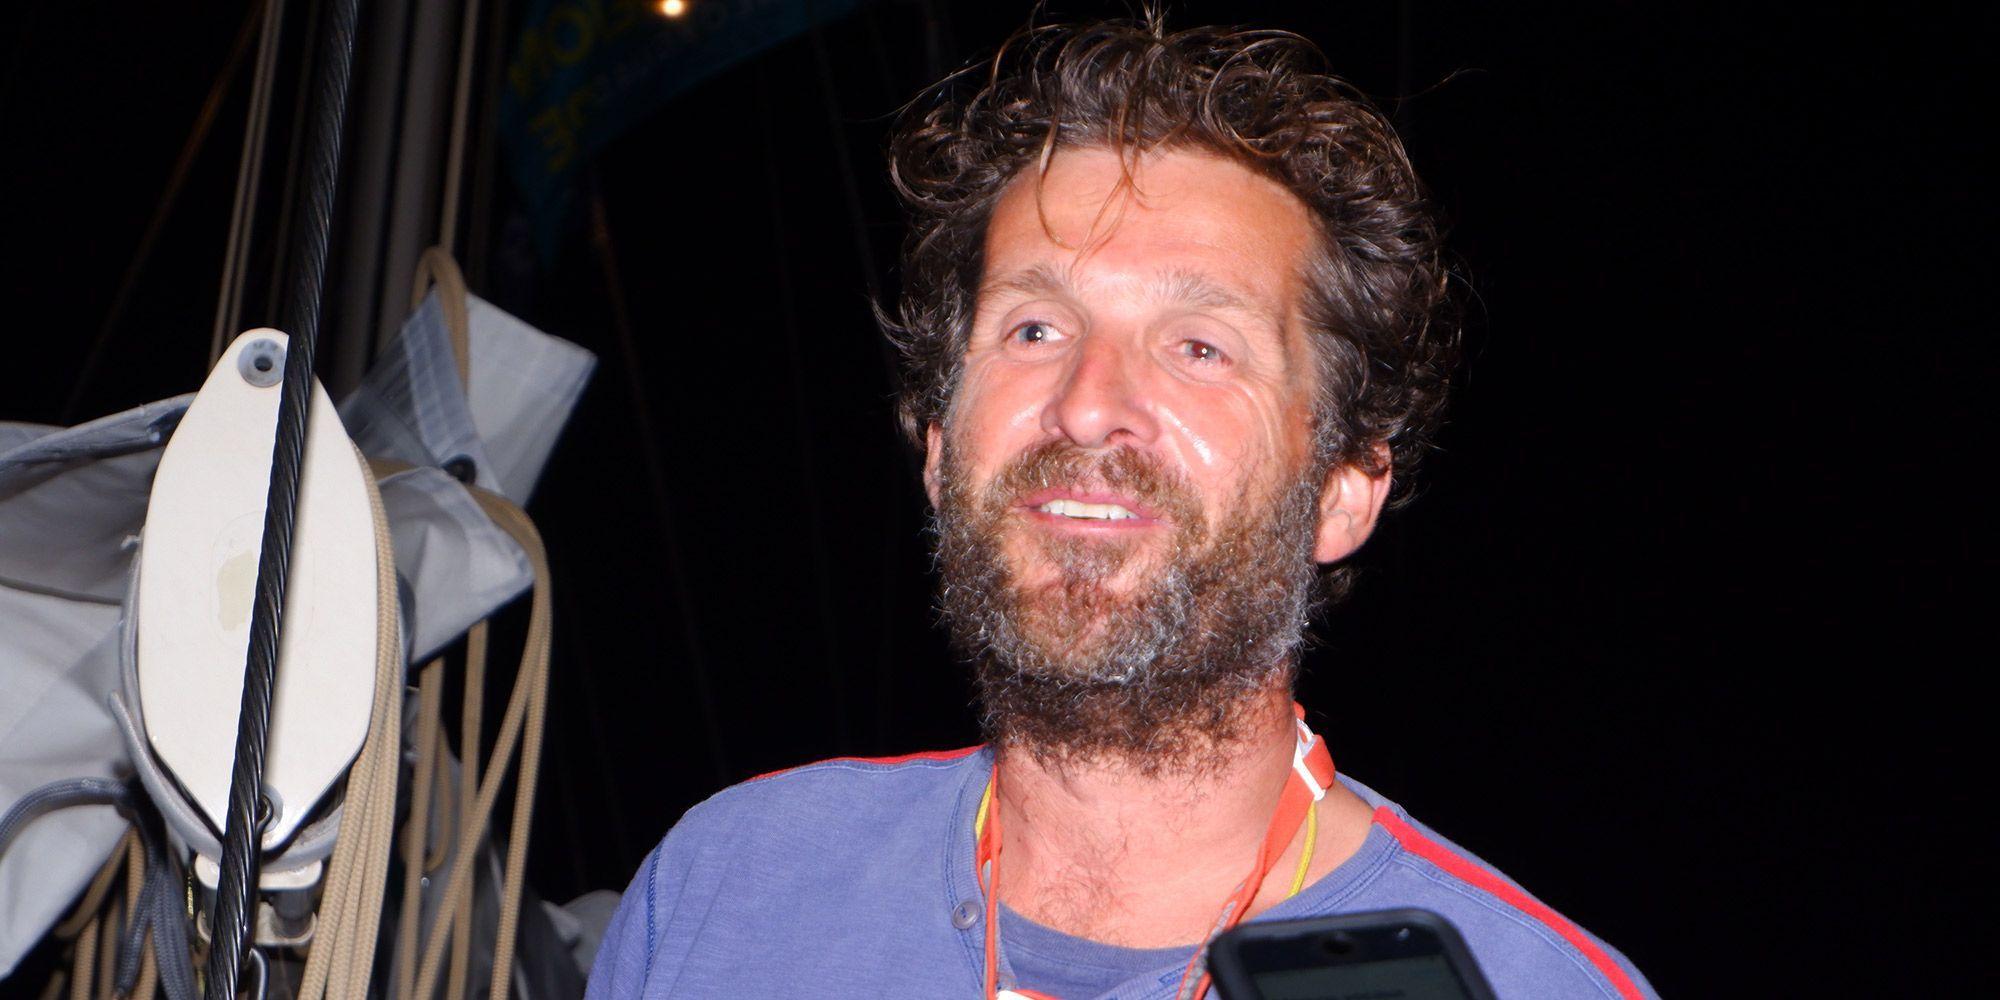 """Eric Bellion : """"Sur la Route du Rhum, il m'a fallu 15 jours pour m'accepter tel que je suis"""""""